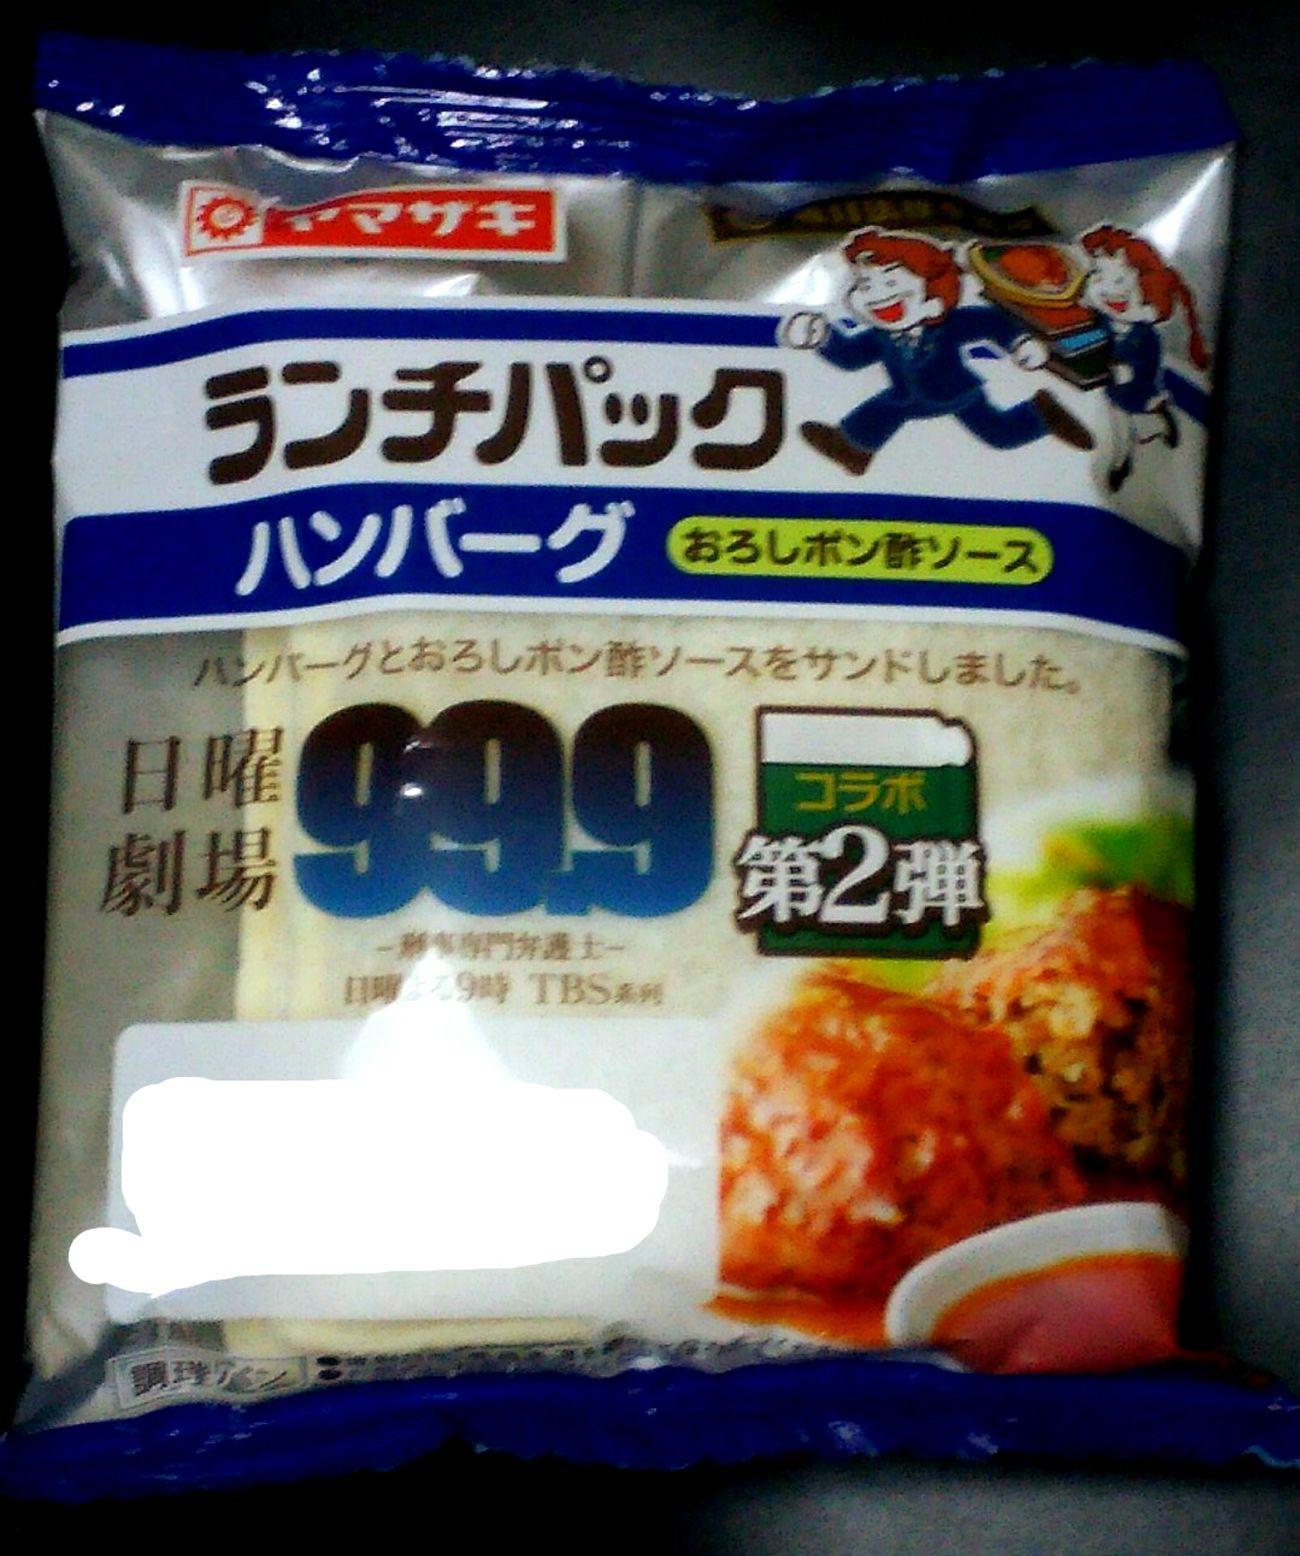 Lunchpack ランチパック コラボ Japanese Food ドラマとのコラボ(º∀º)味は…ん!?石〇のハンバーグと同じ様な…懐かしさを感じました(´艸`)